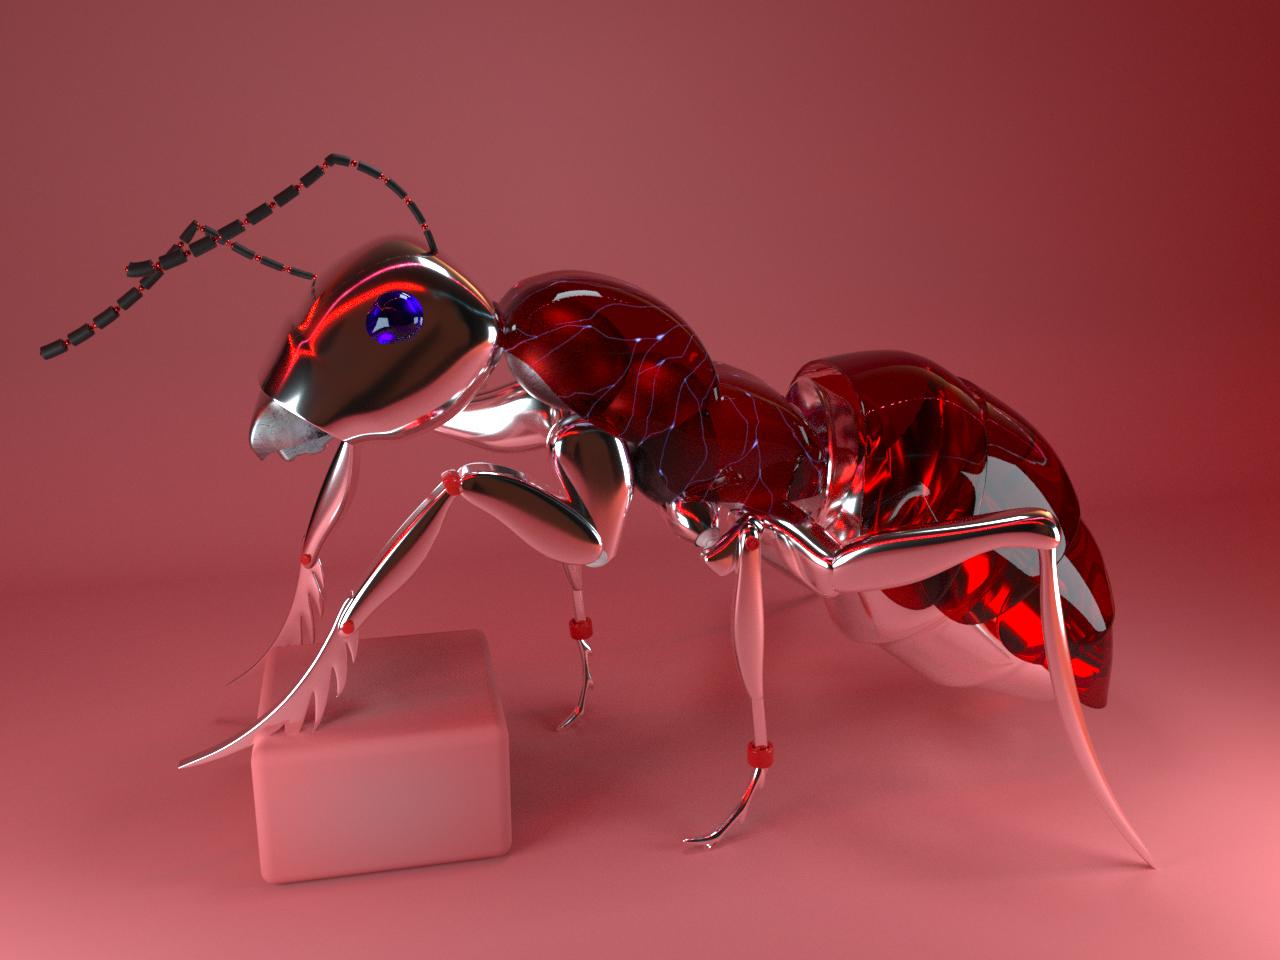 2.Ant animal art machine c4d